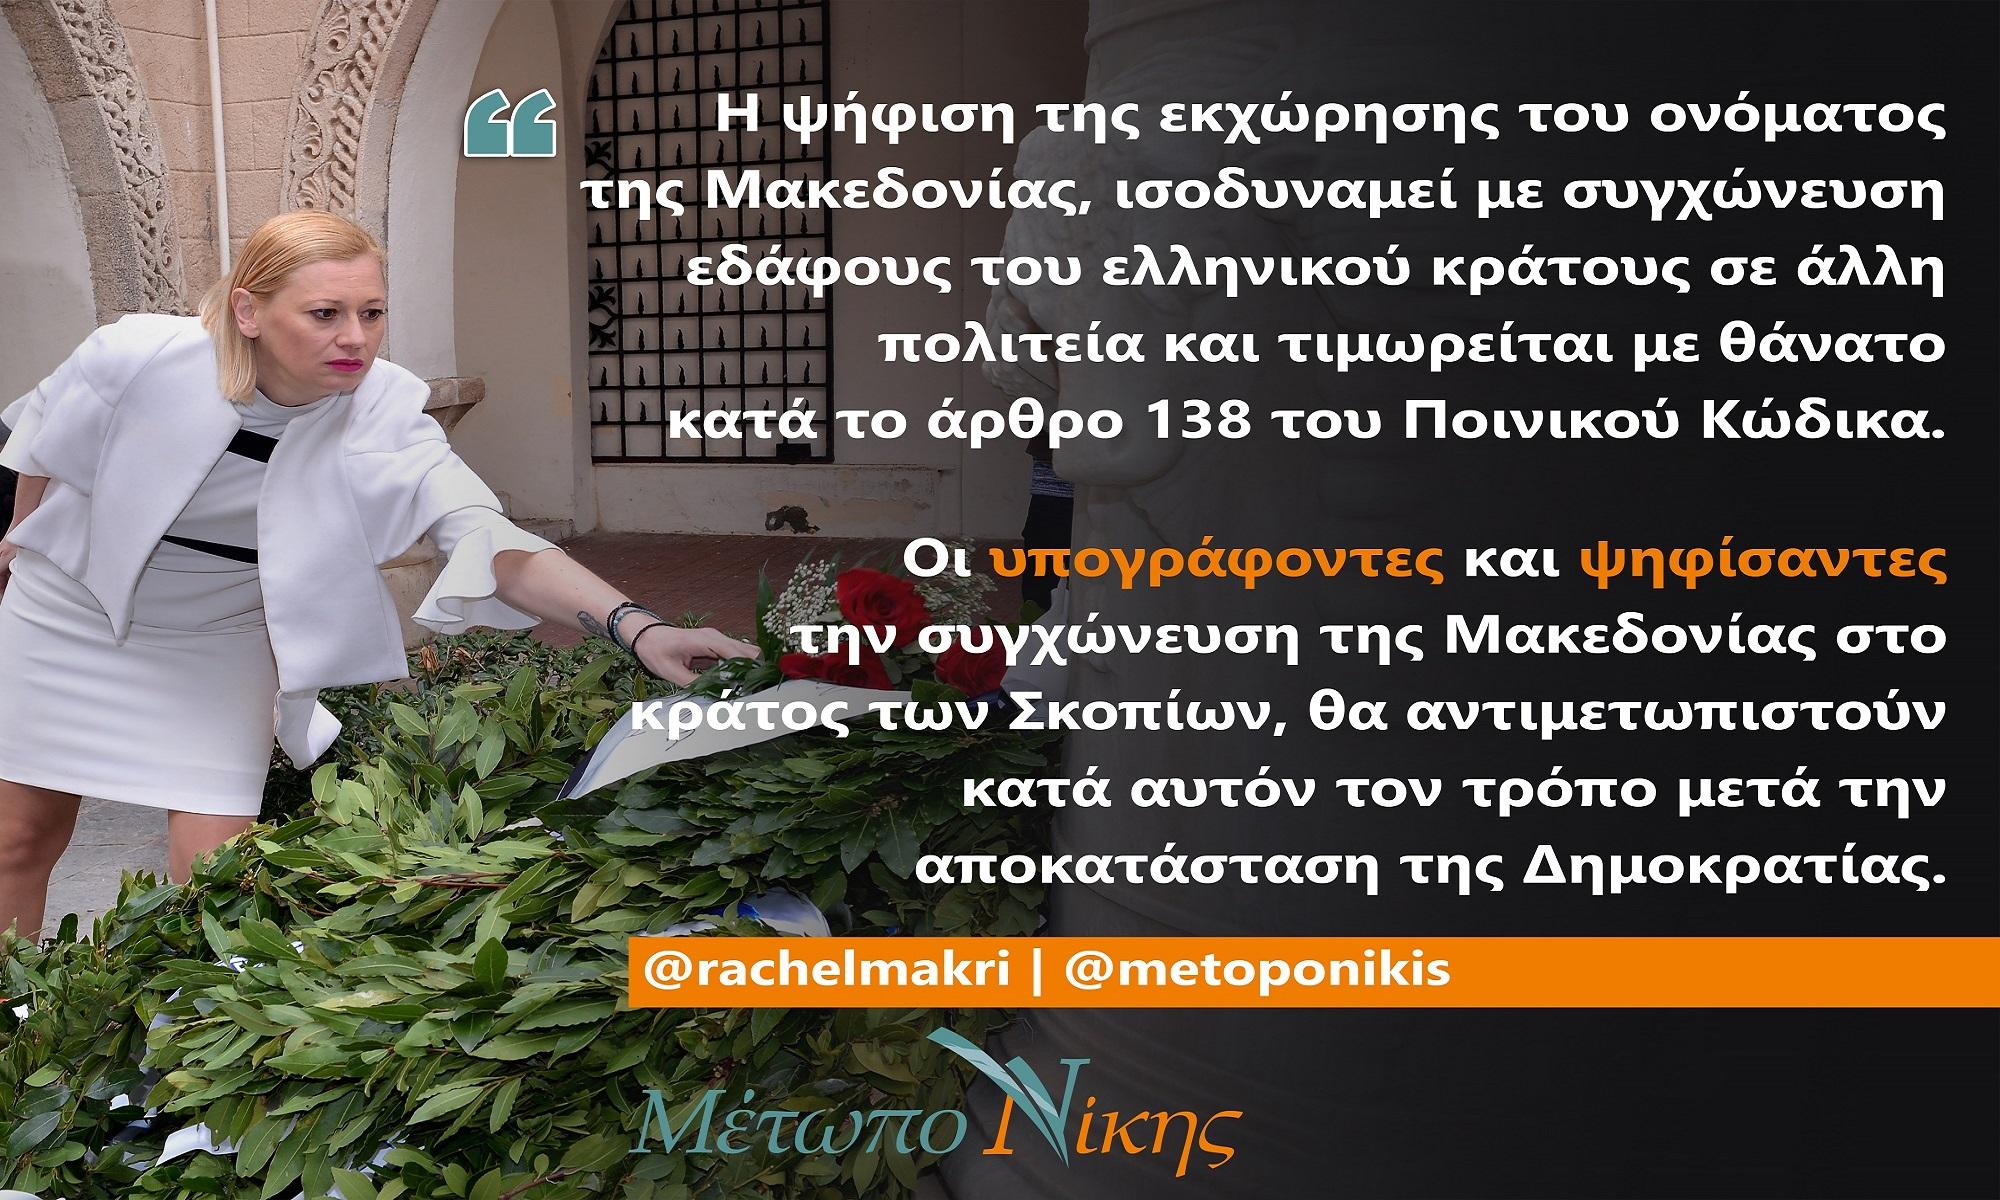 Δήλωση της Επικεφαλής του Μετώπου Νίκης, κ. Ραχήλ Μακρή, για την επίσκεψη του ΥΠΕΞ στα Σκόπια